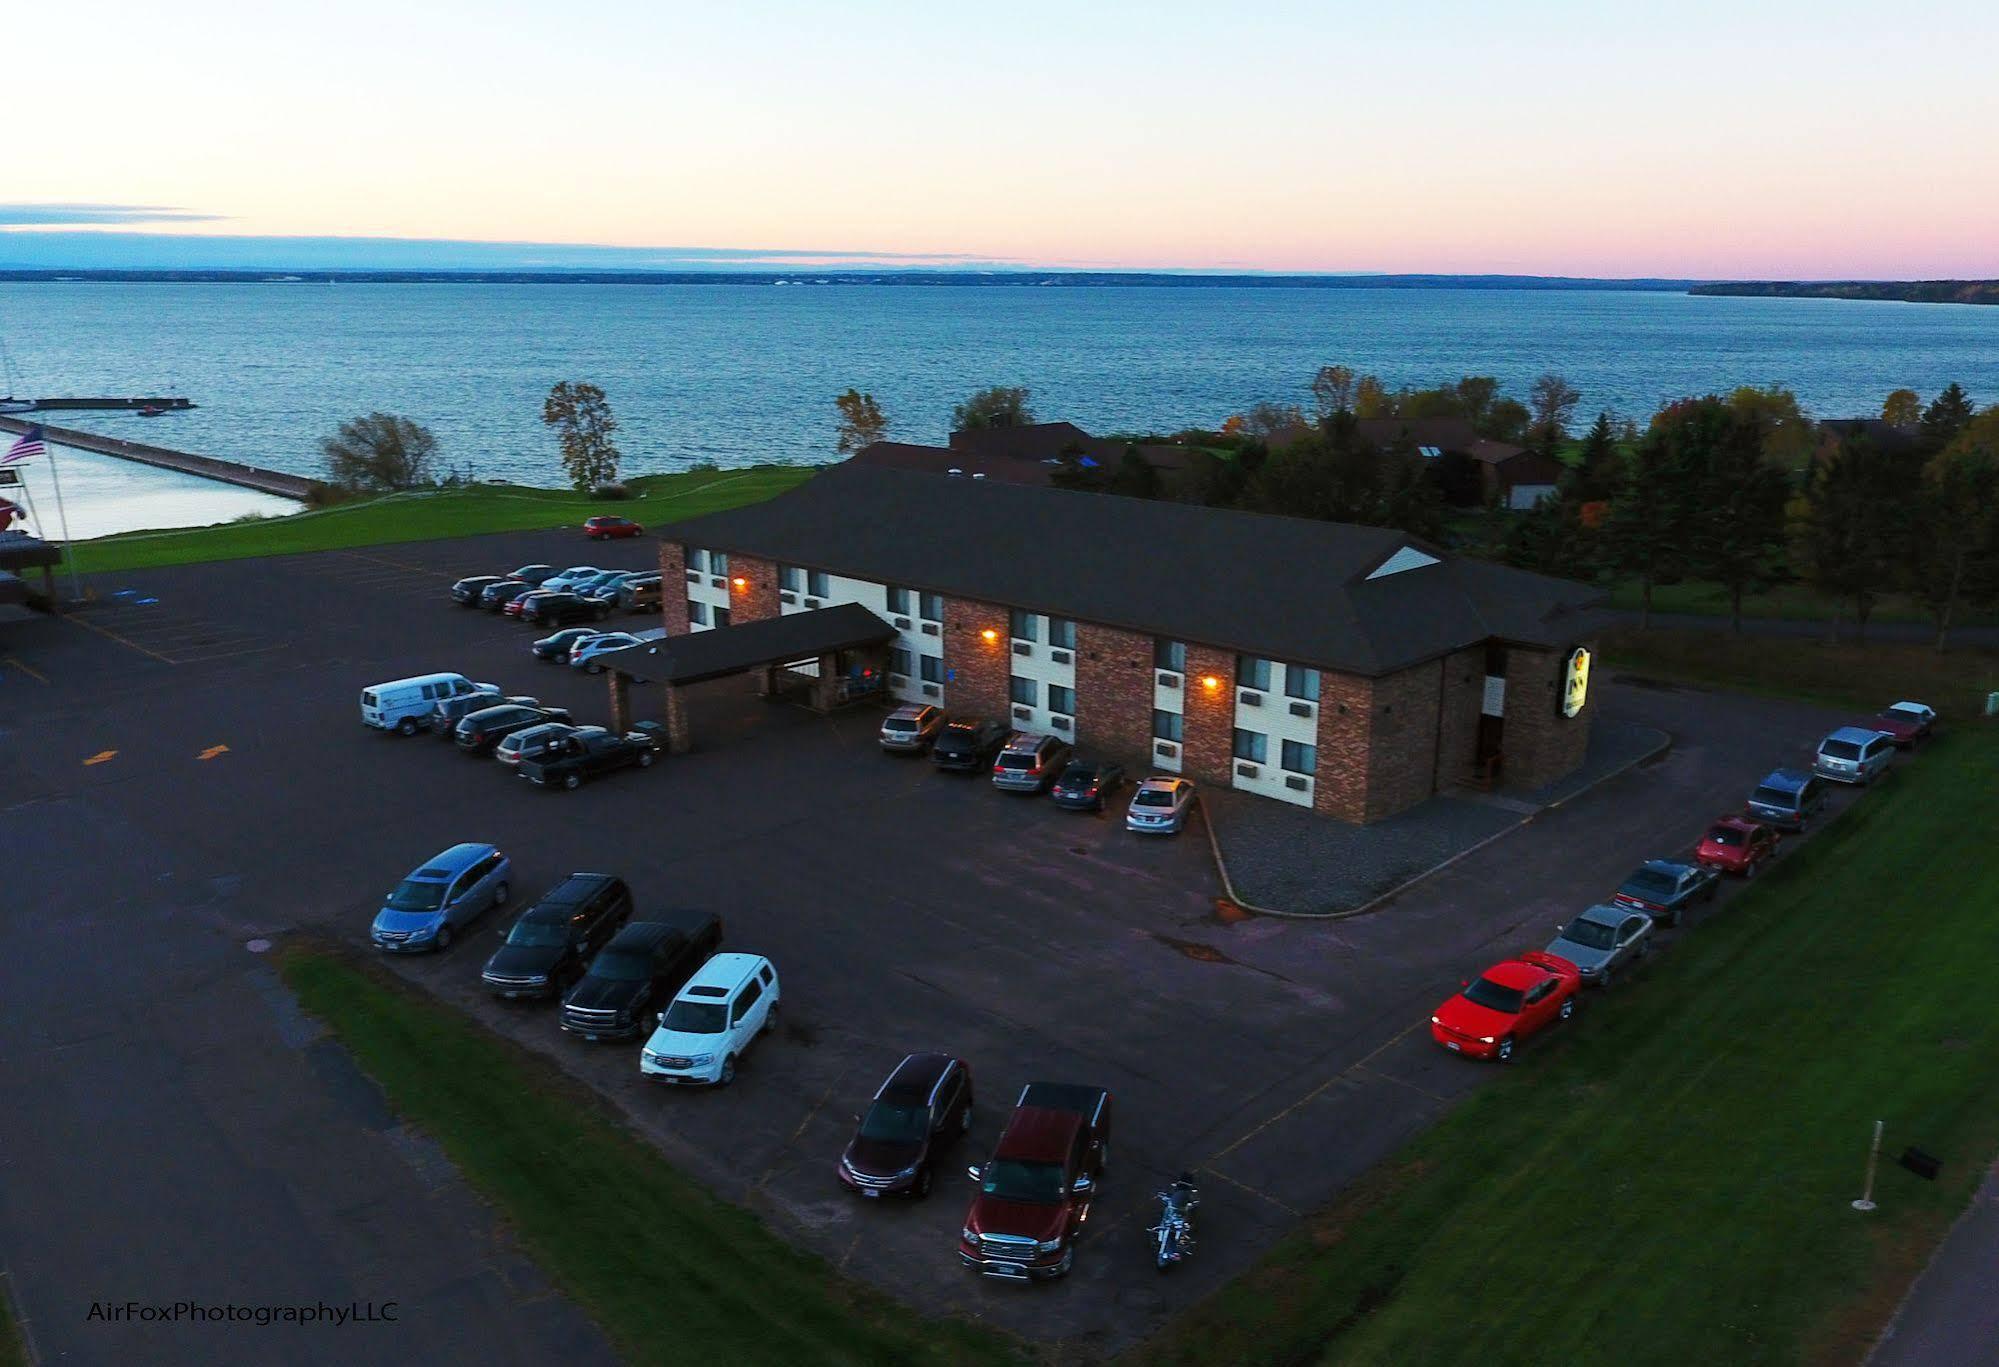 The Washburn Inn On the Lake